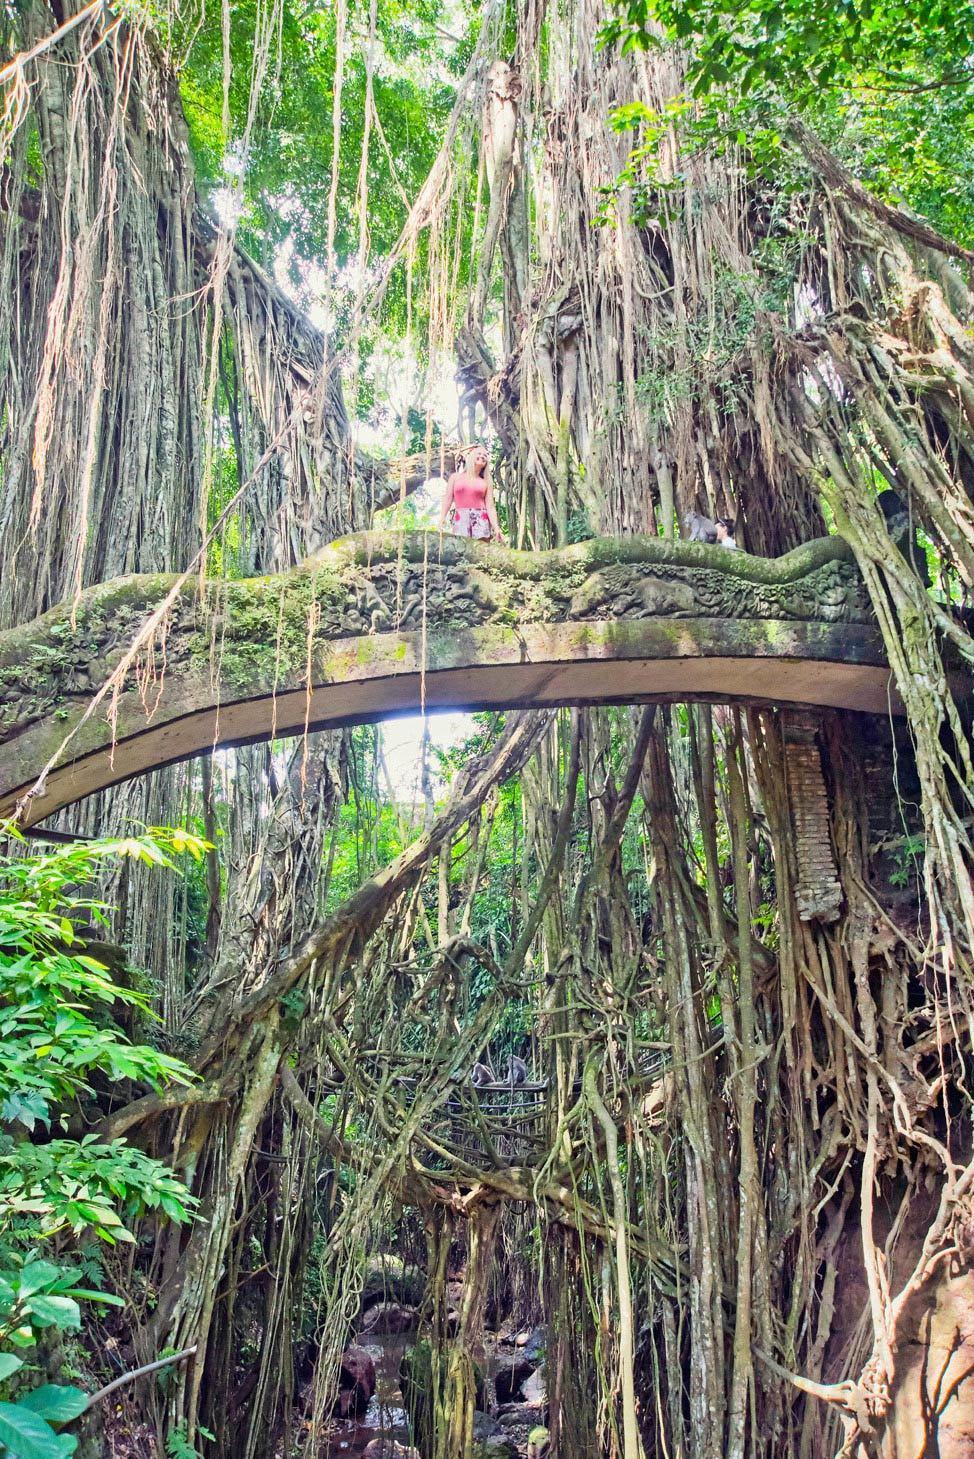 Ubud Monkey Temple Bali